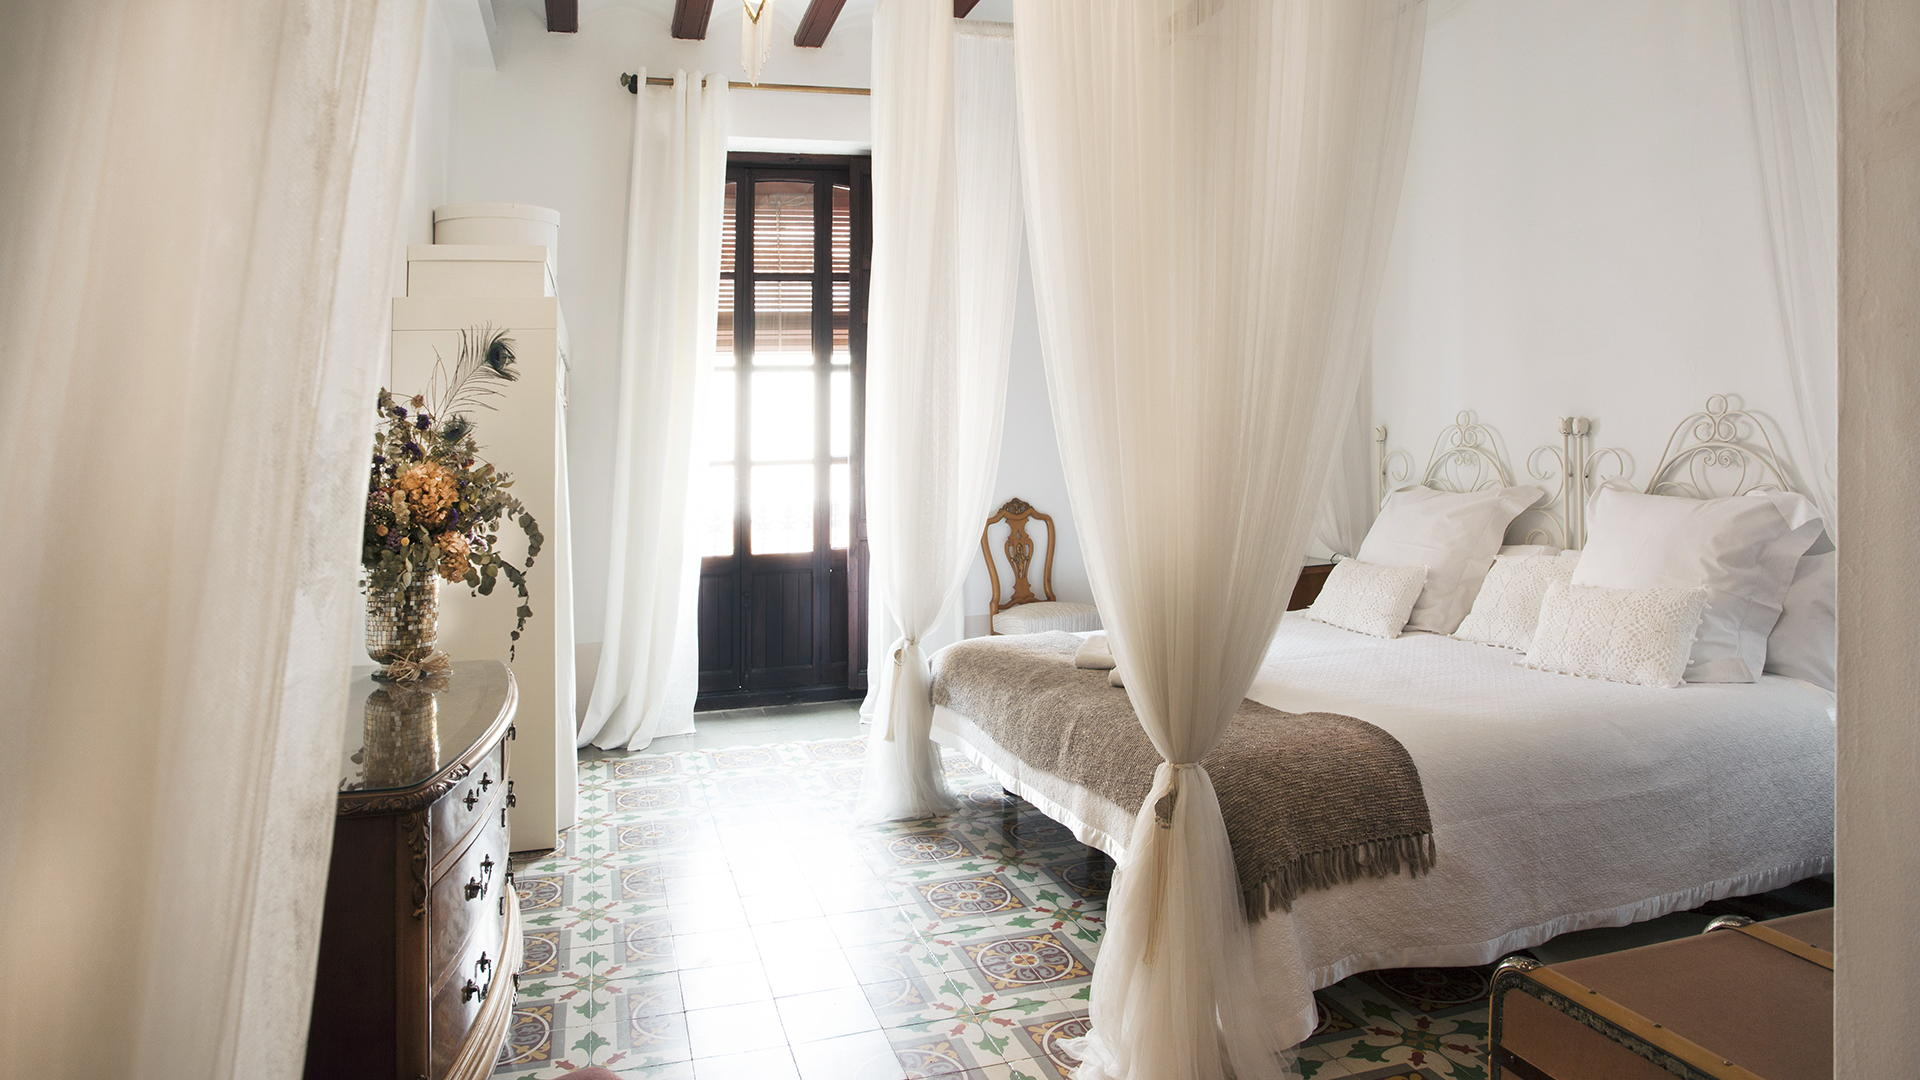 Casa Arizo - Suite Modernista (casaarizo.com)